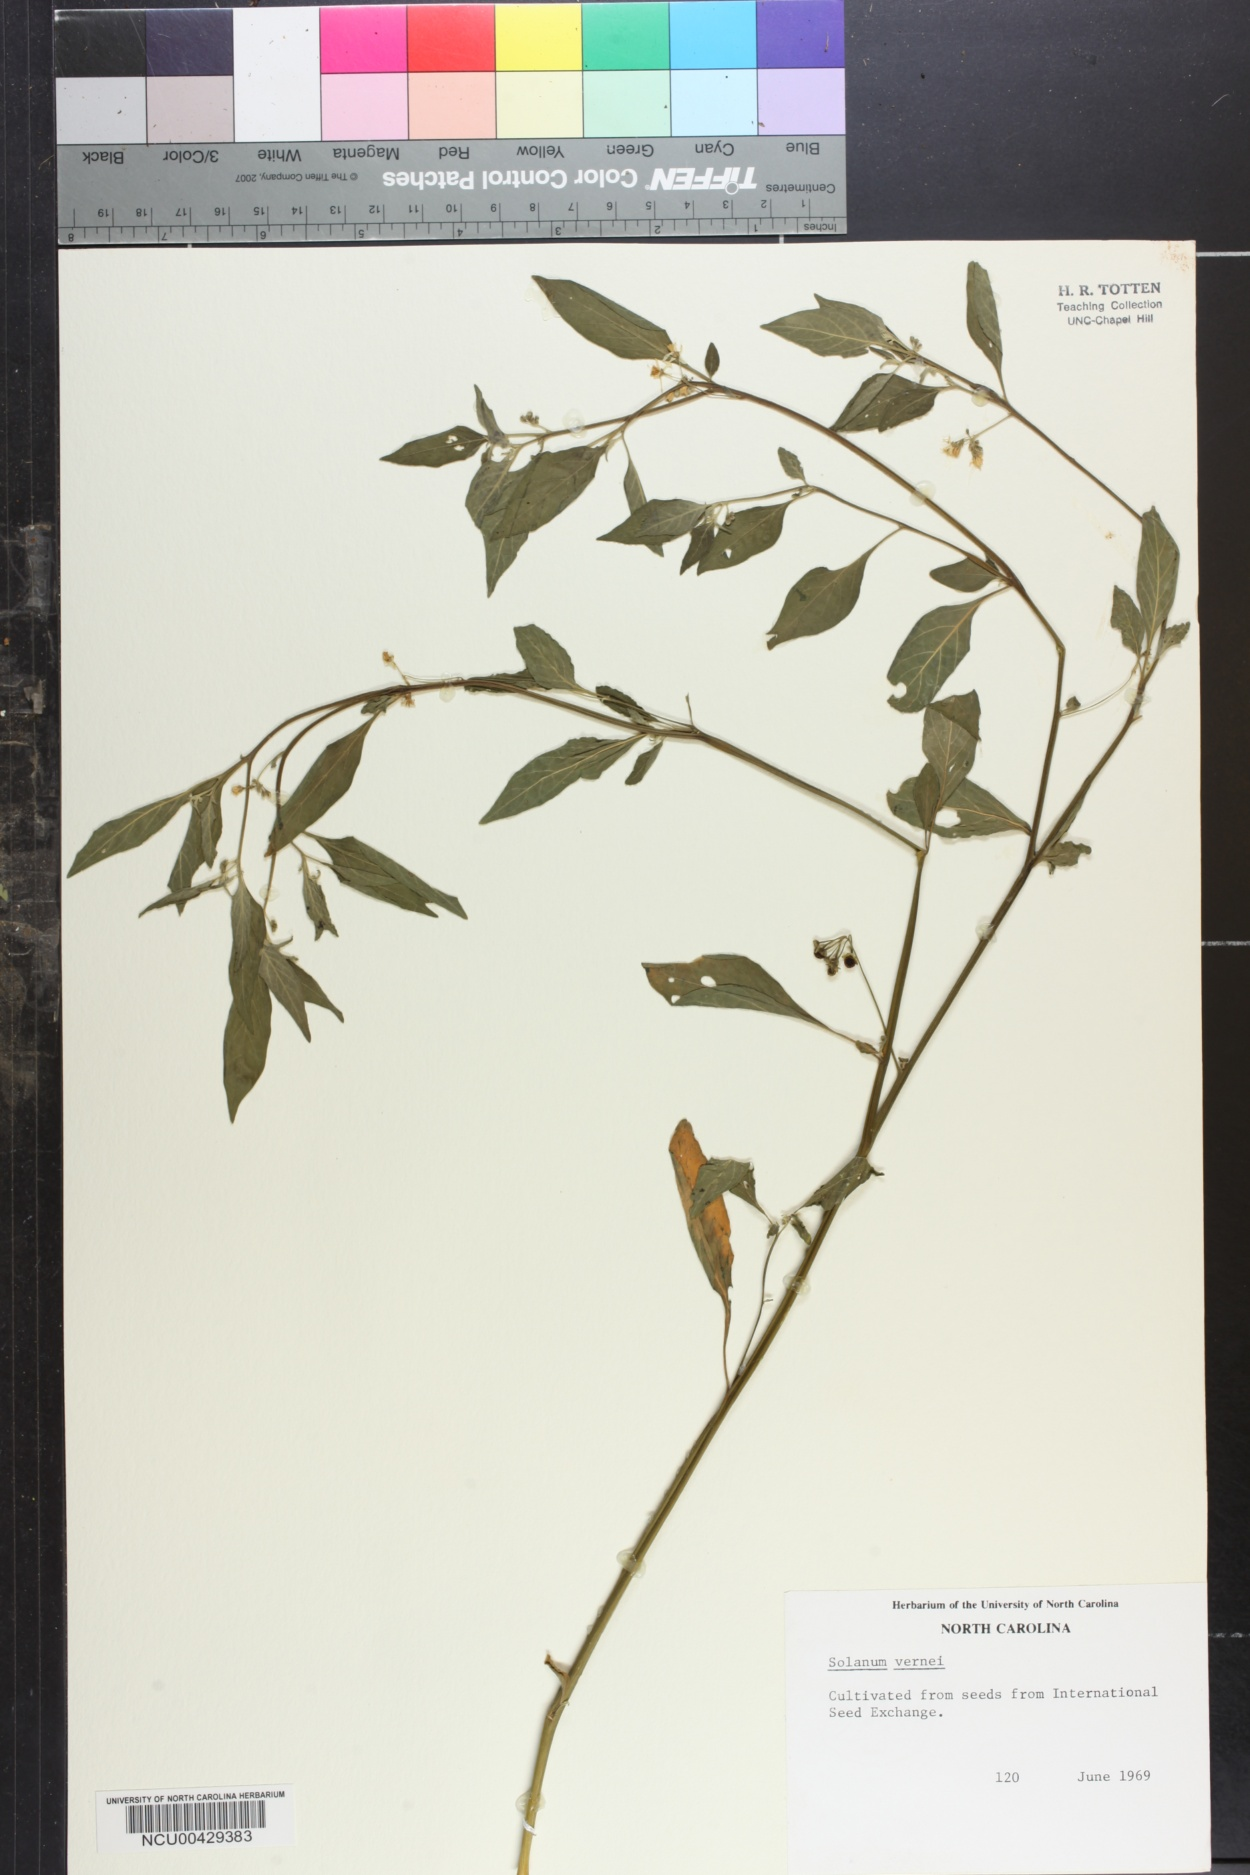 Solanum vernei image